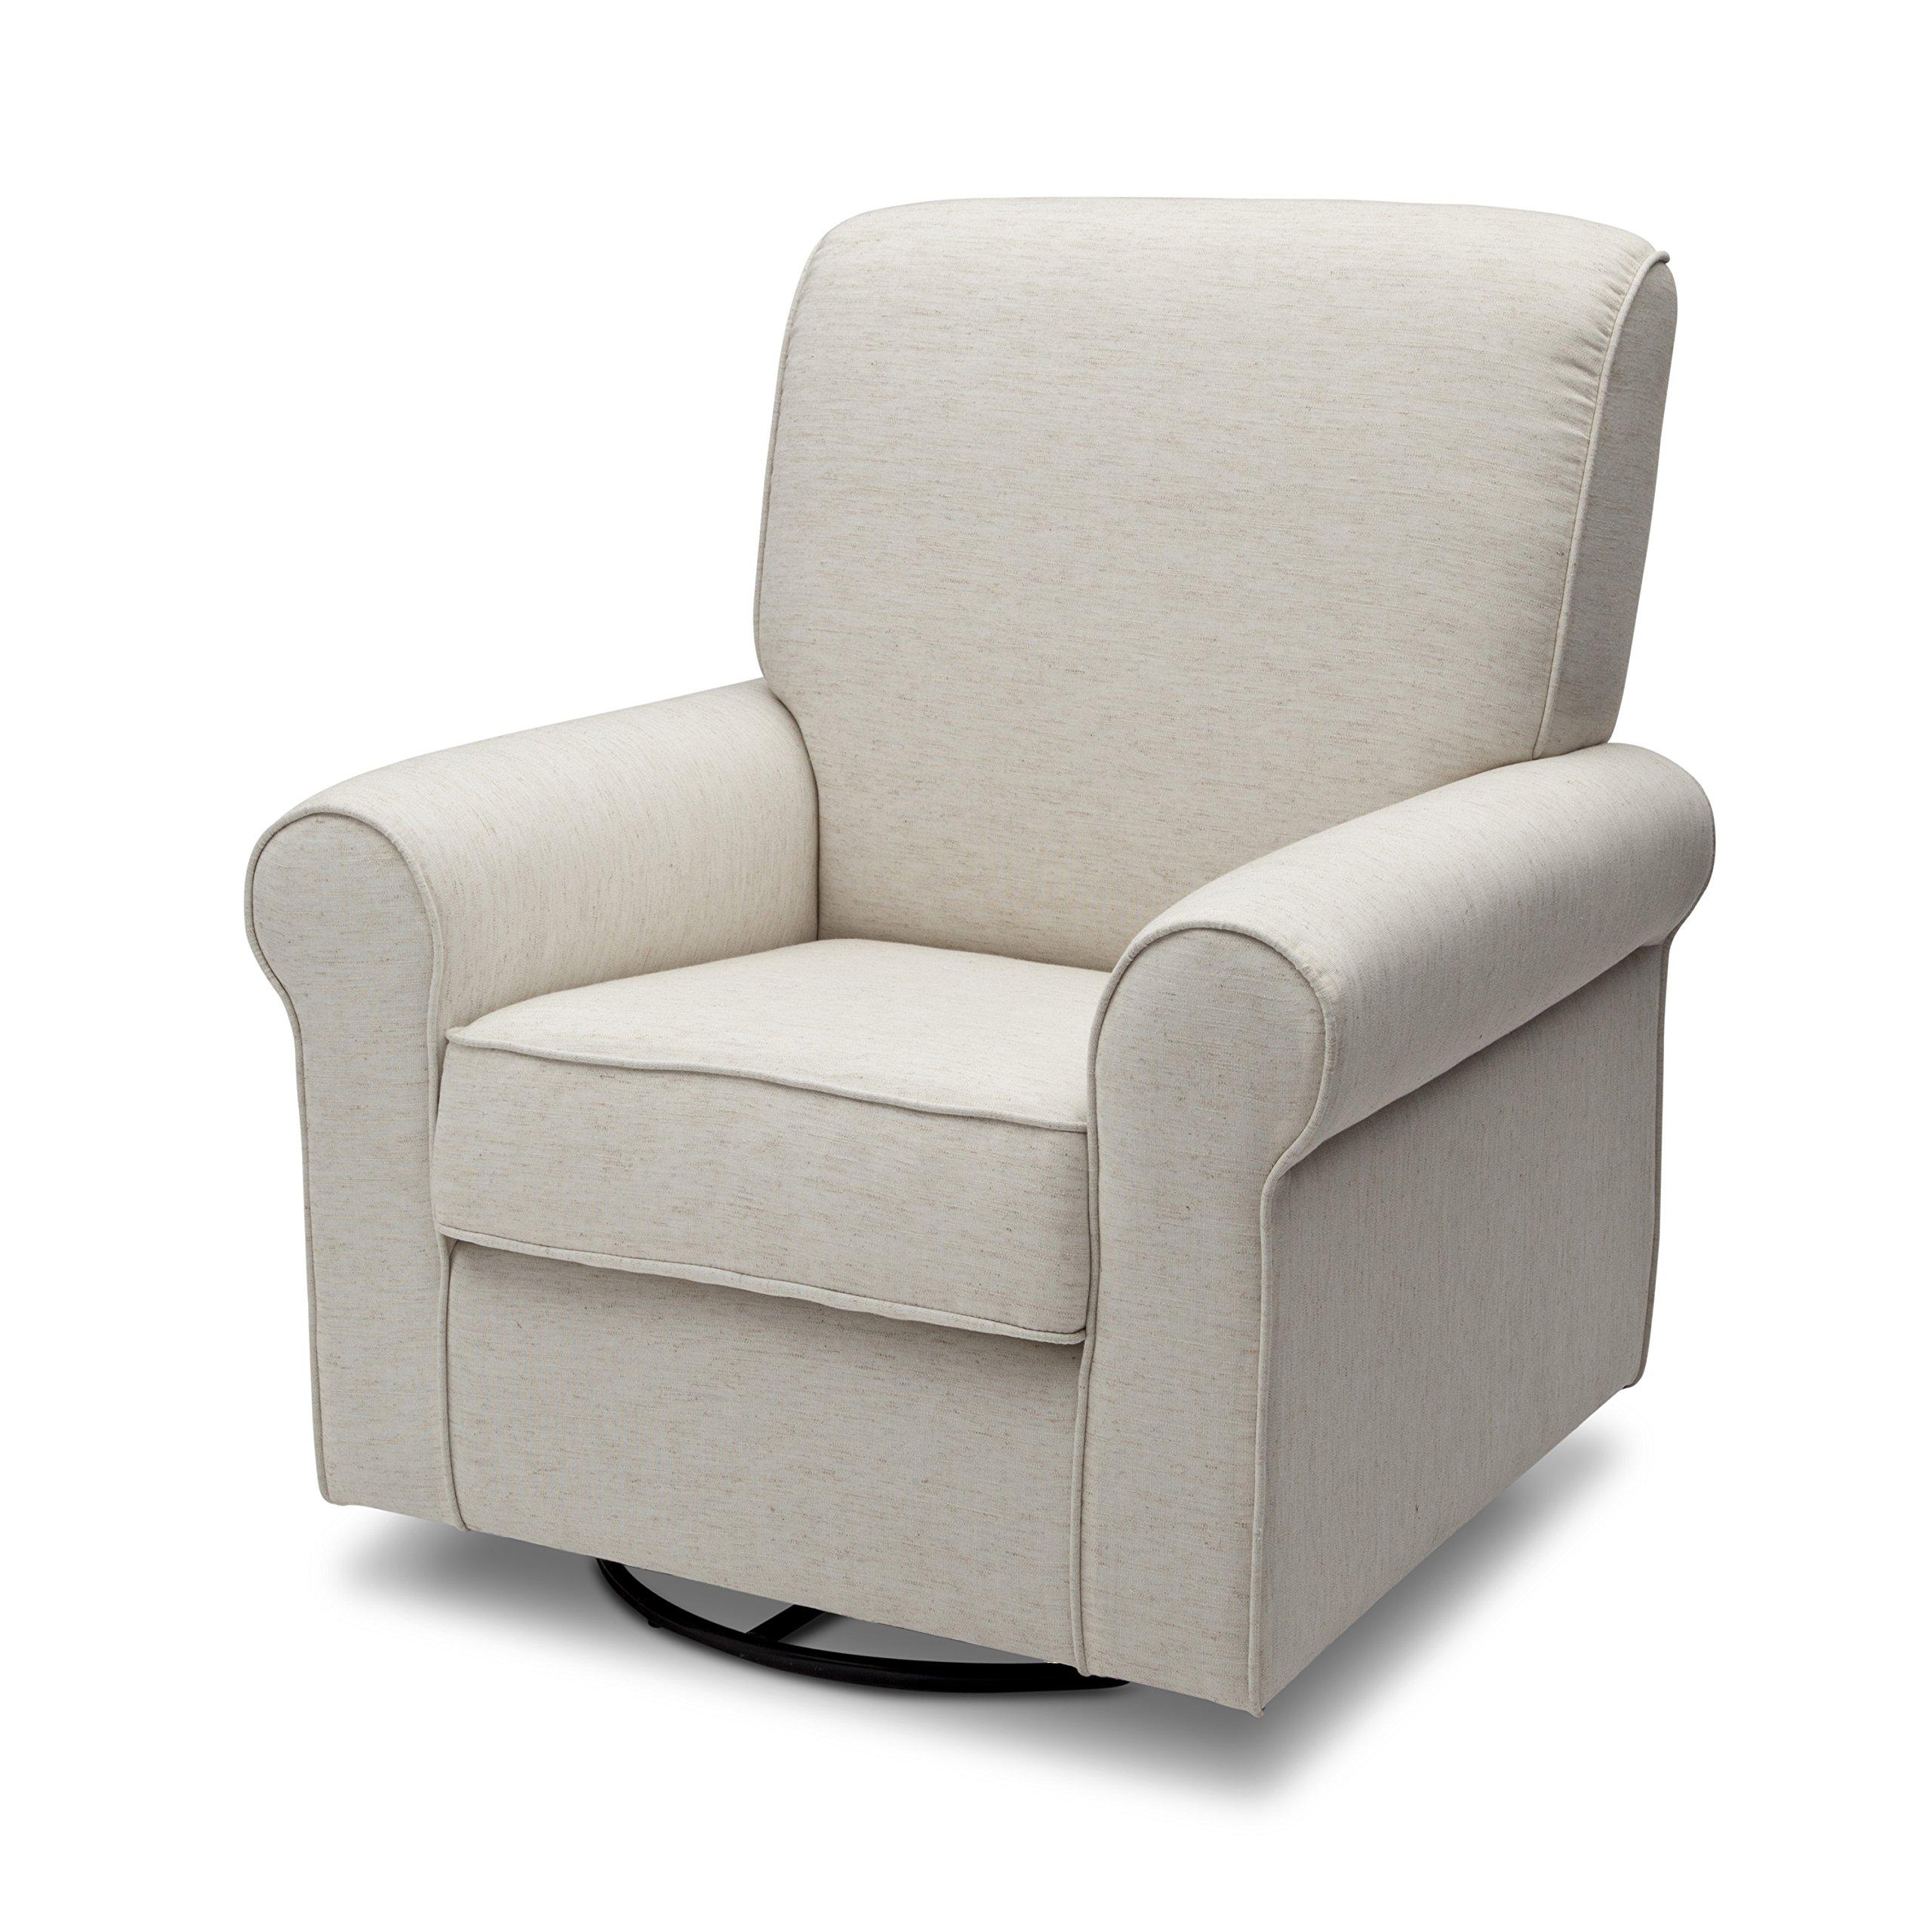 Delta Furniture Avery Upholstered Glider Swivel Rocker Chair, Sand